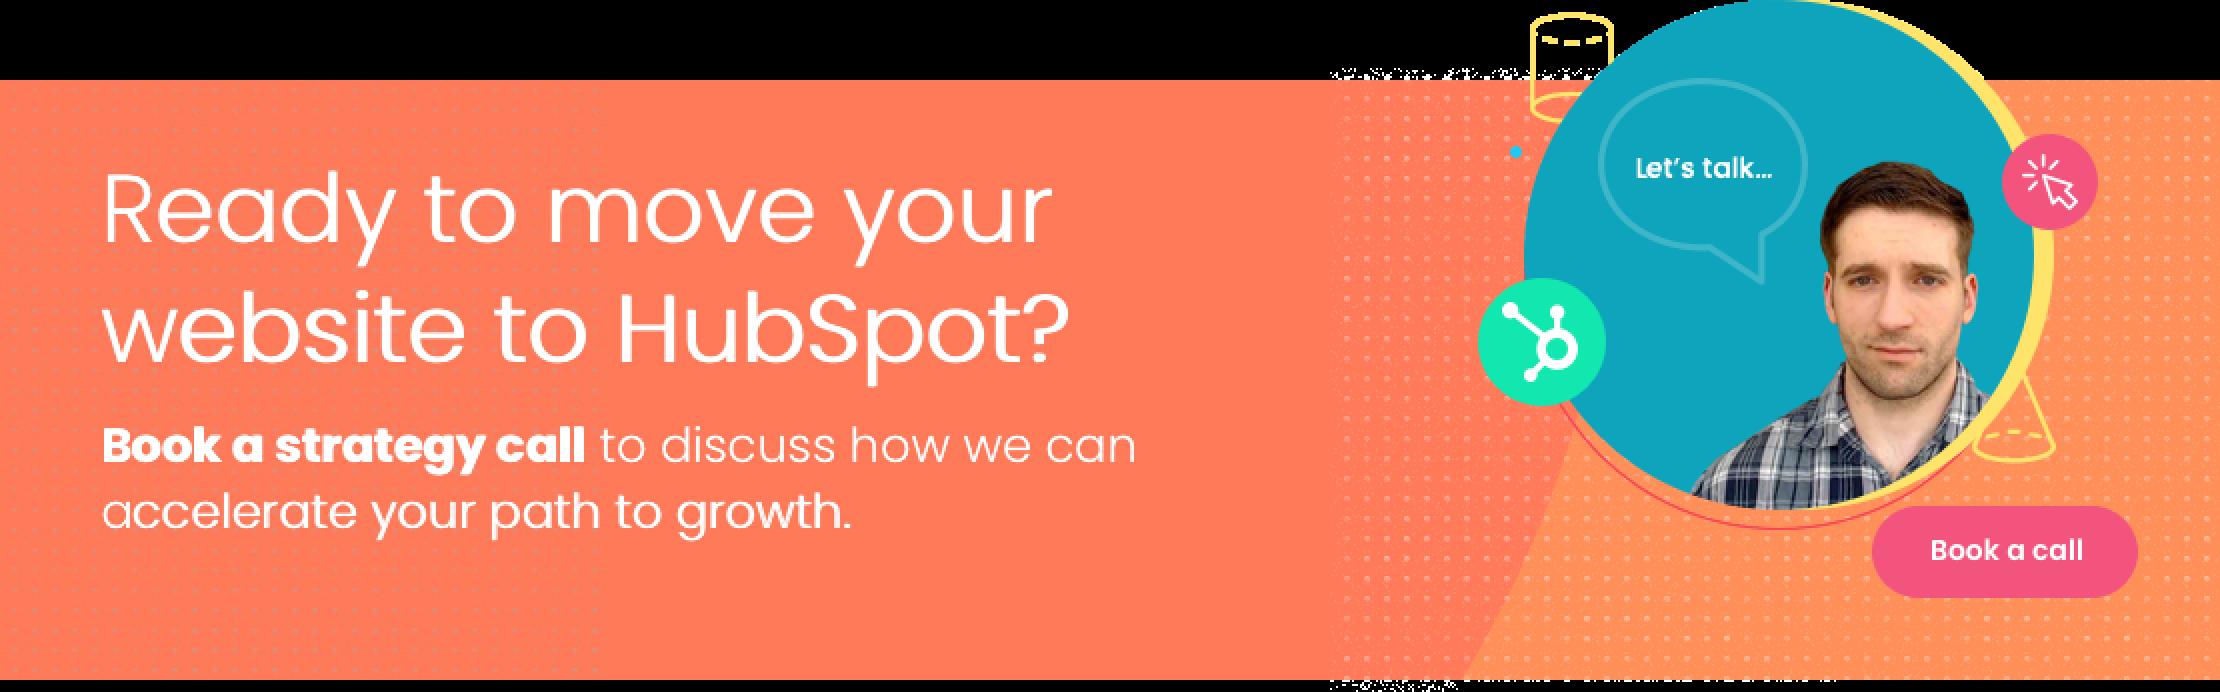 hubspot strategy call